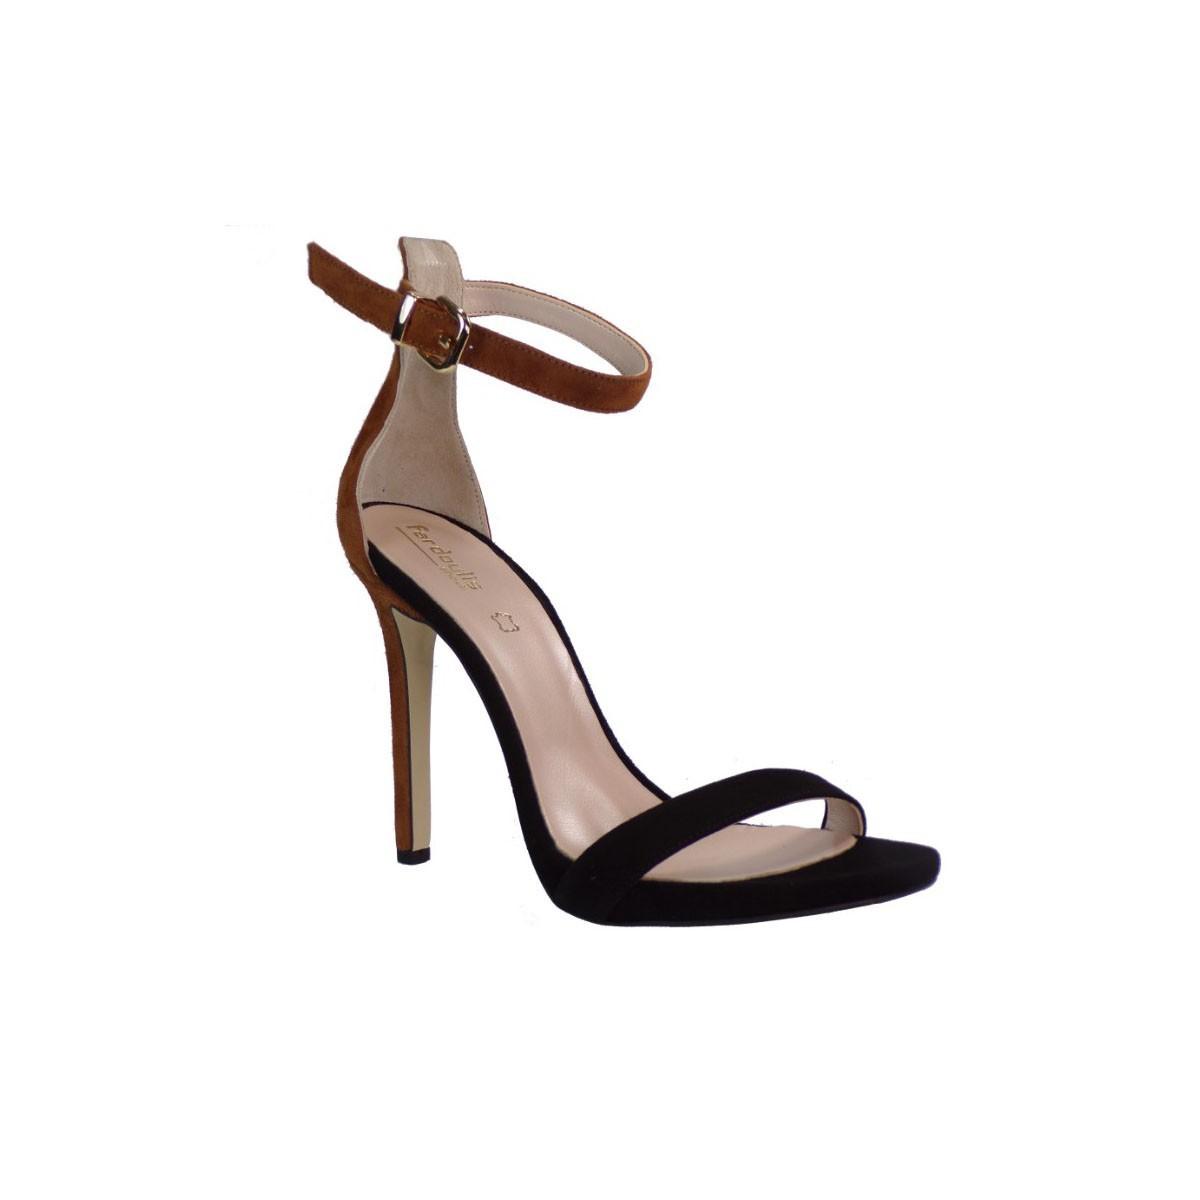 Fardoulis shoes Γυναικεία Πέδιλα 9118 Μαύρο-Ταμπά